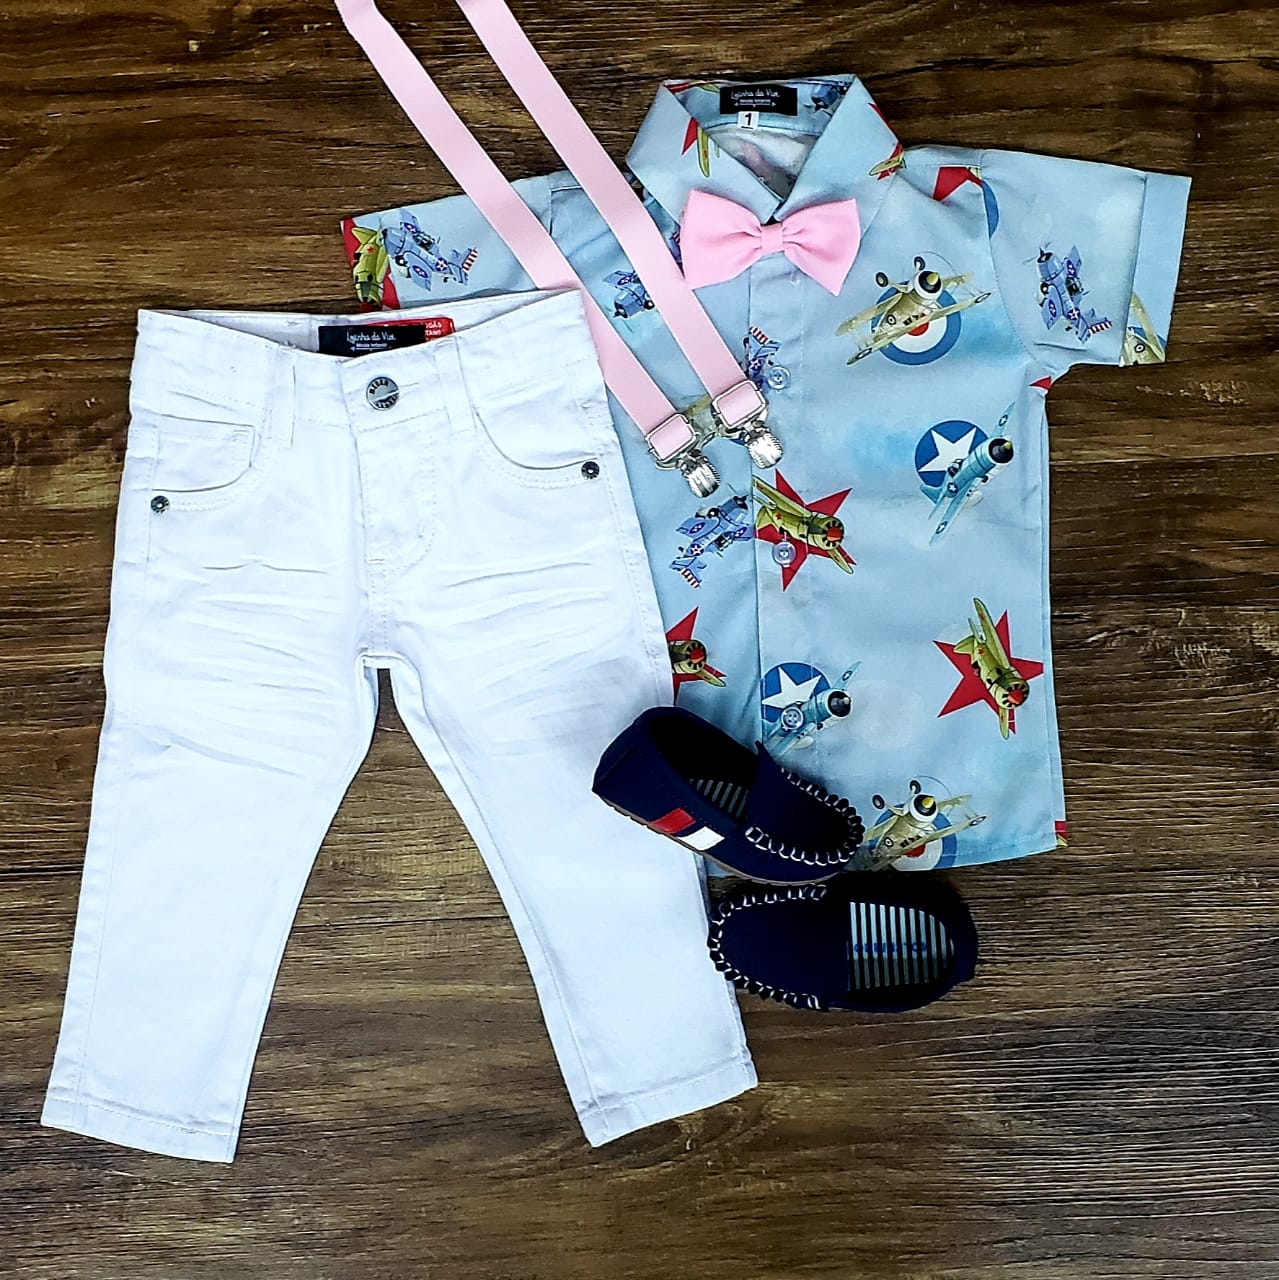 Calça Branca com Suspensório e Camisa Aviões com Gravata